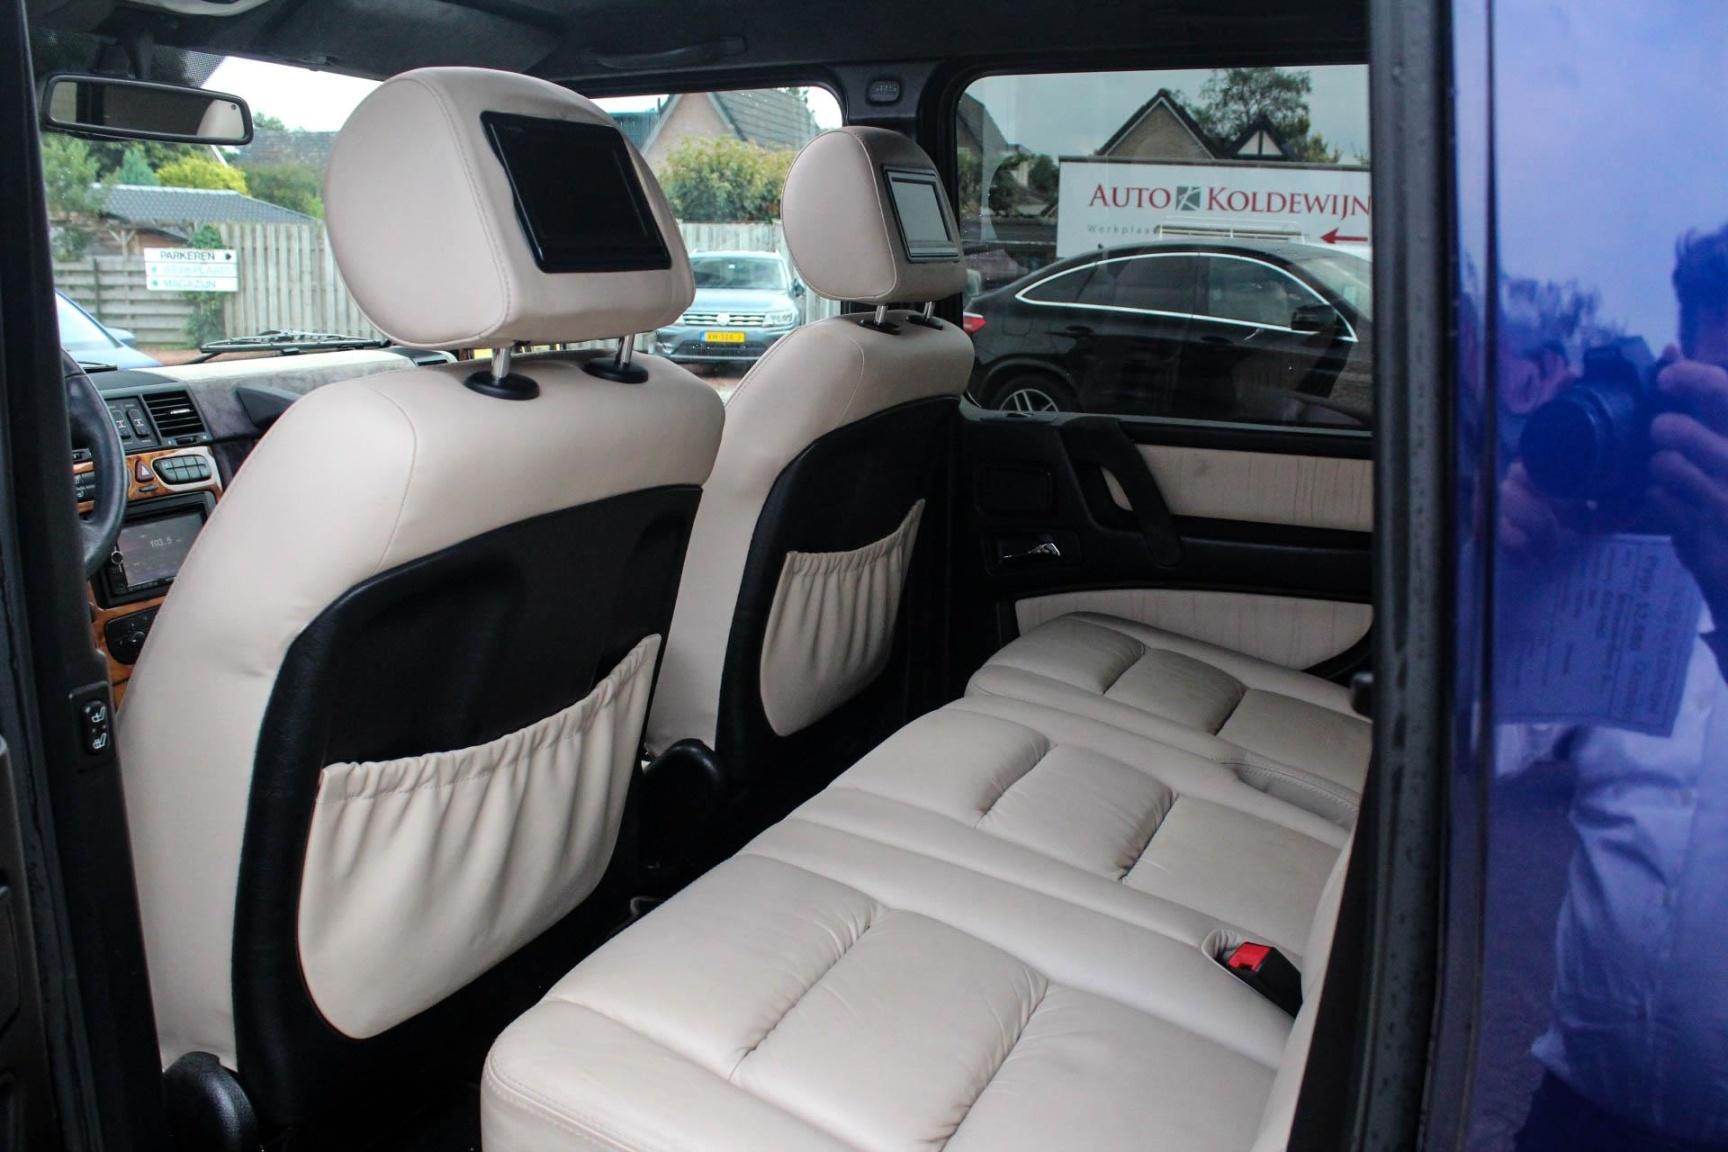 Mercedes-Benz-G-Klasse-11